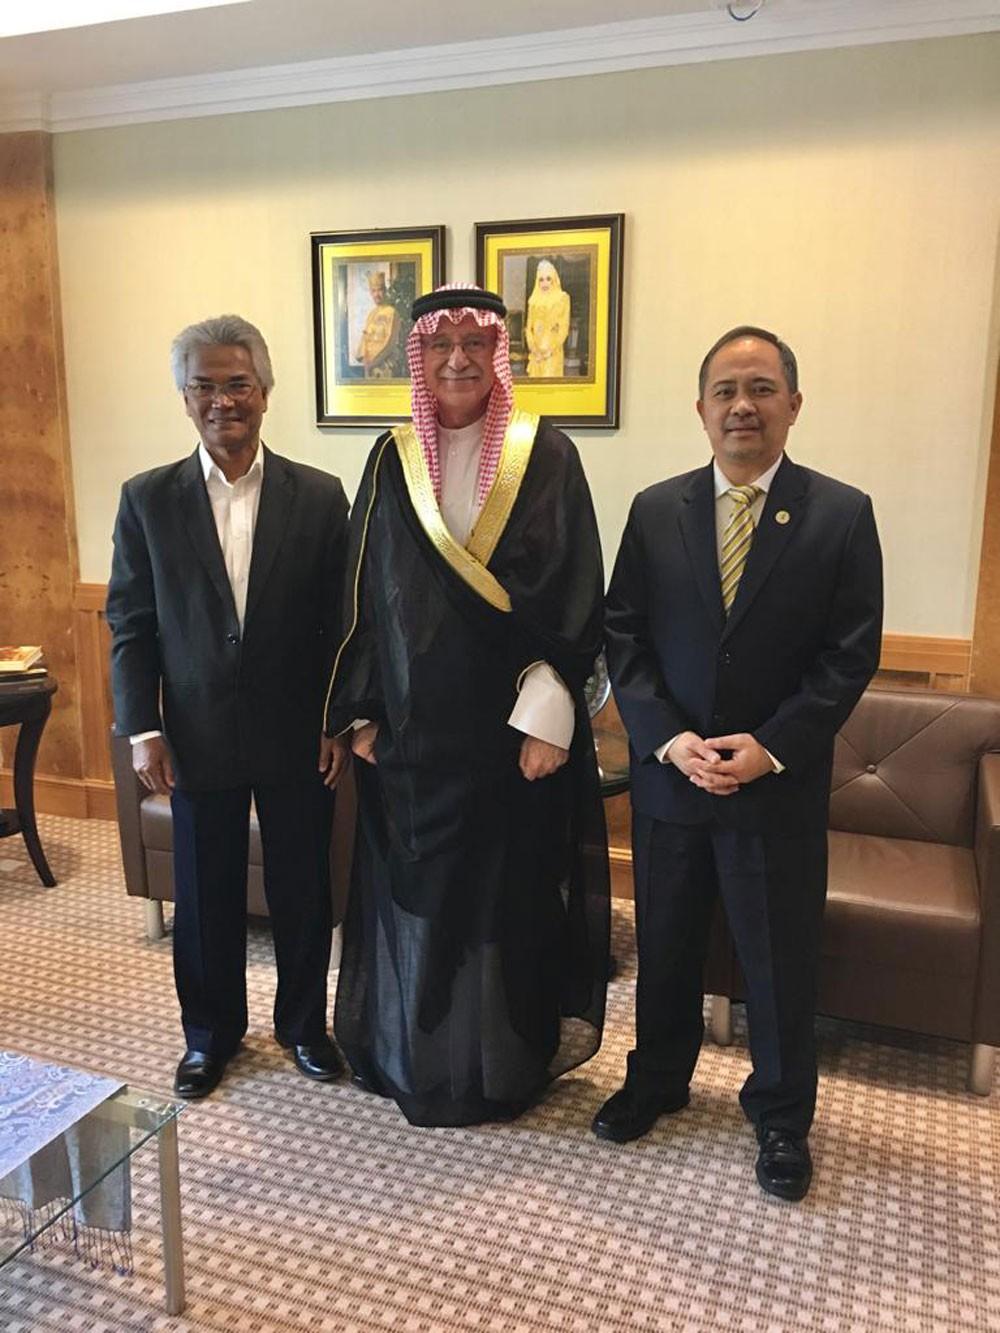 سفير البحرين في بروناي يجتمع مع عدد من المسؤولين